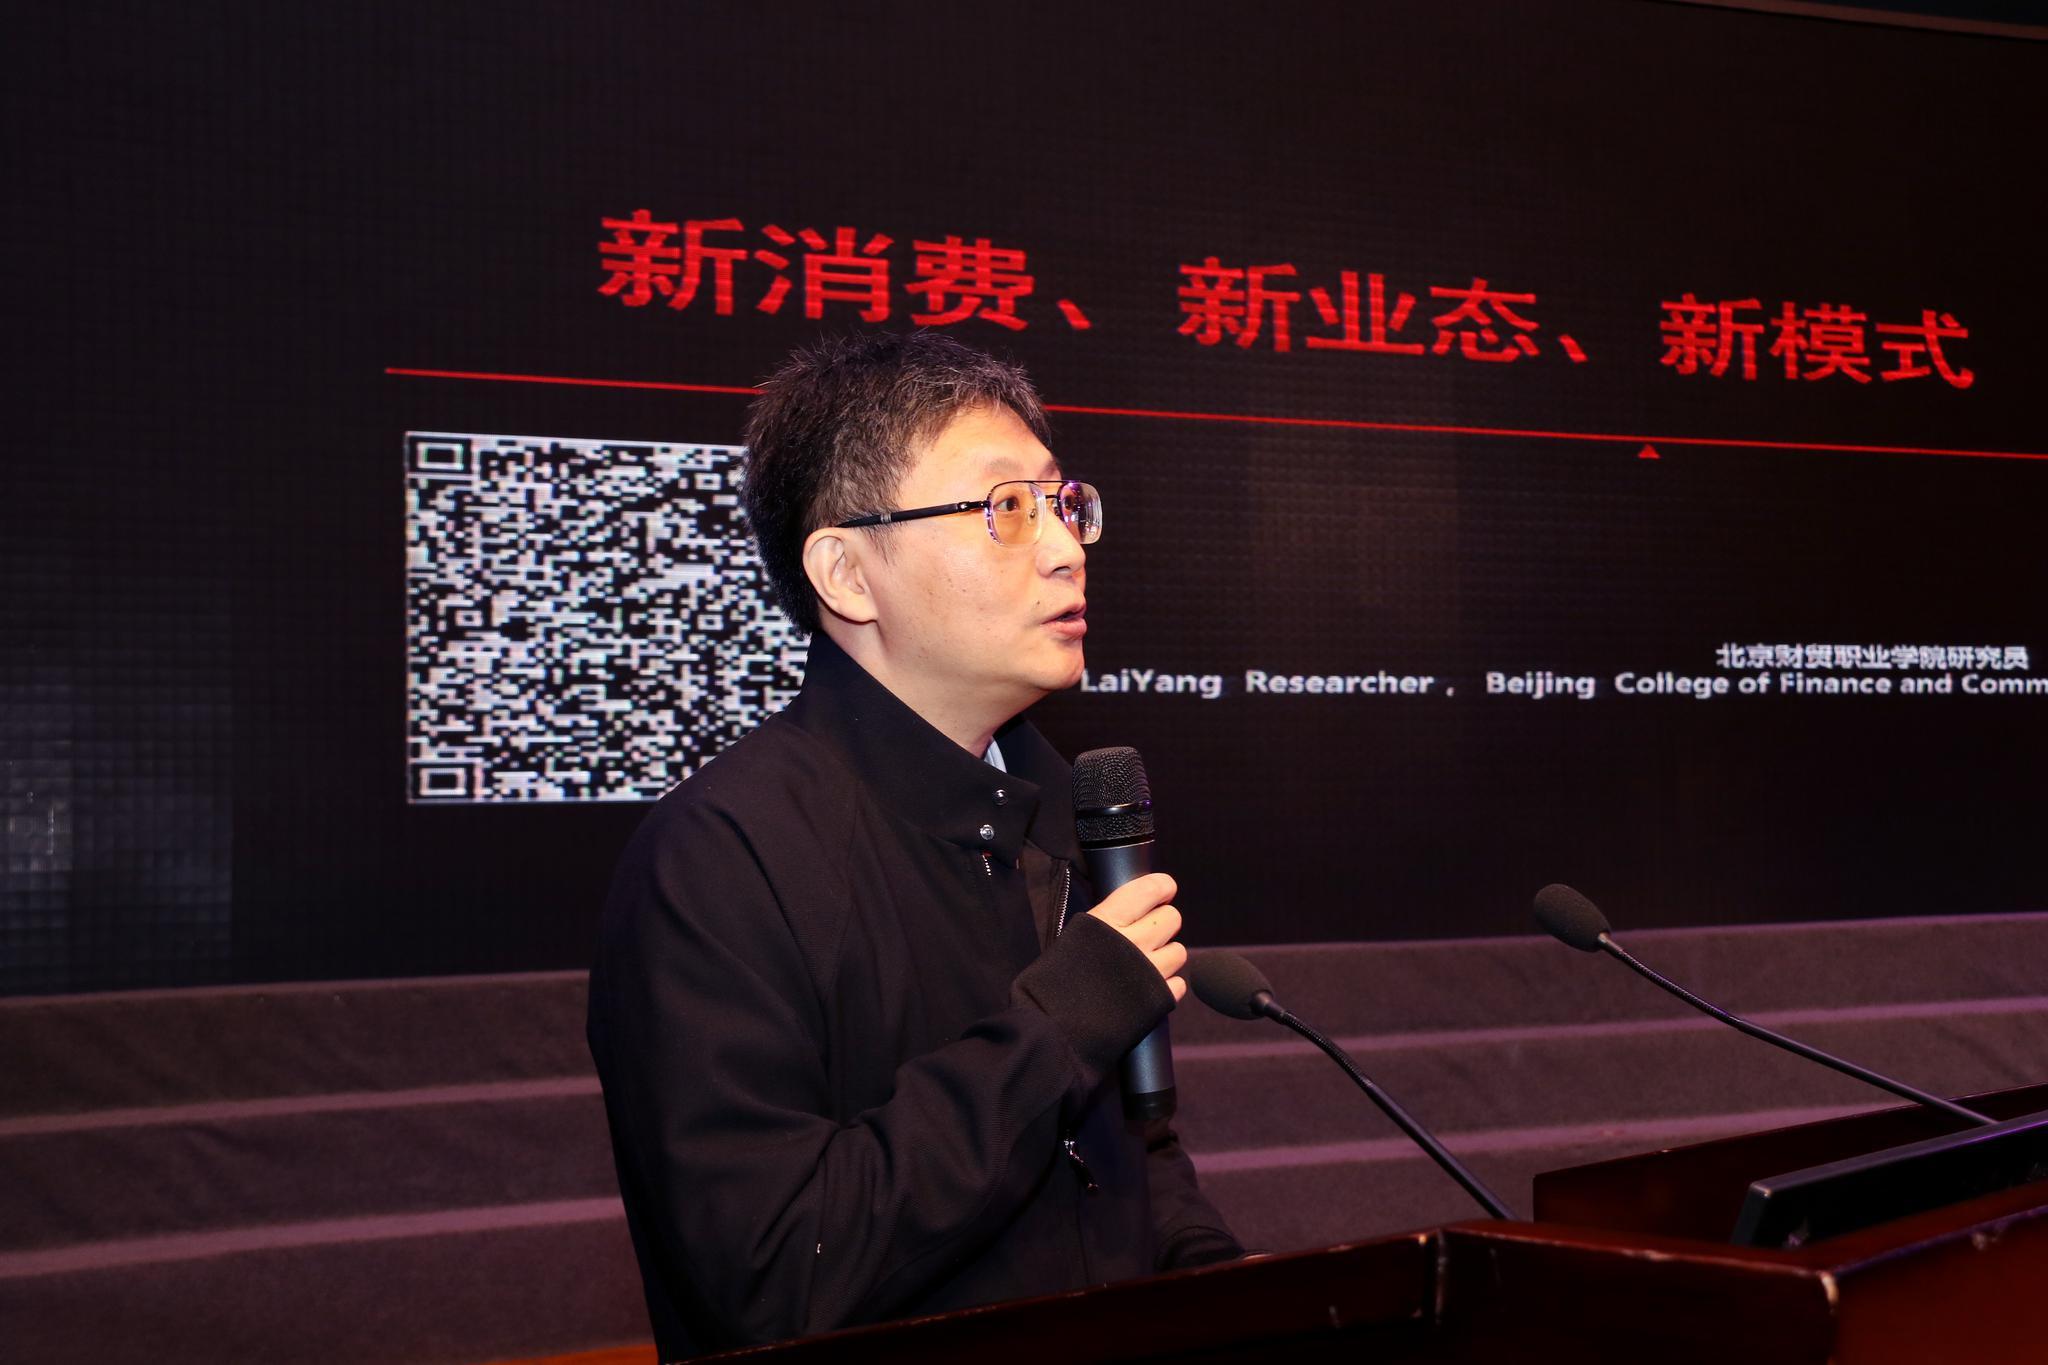 北京财贸职业学院赖阳:直播带动线上出现新业态图片